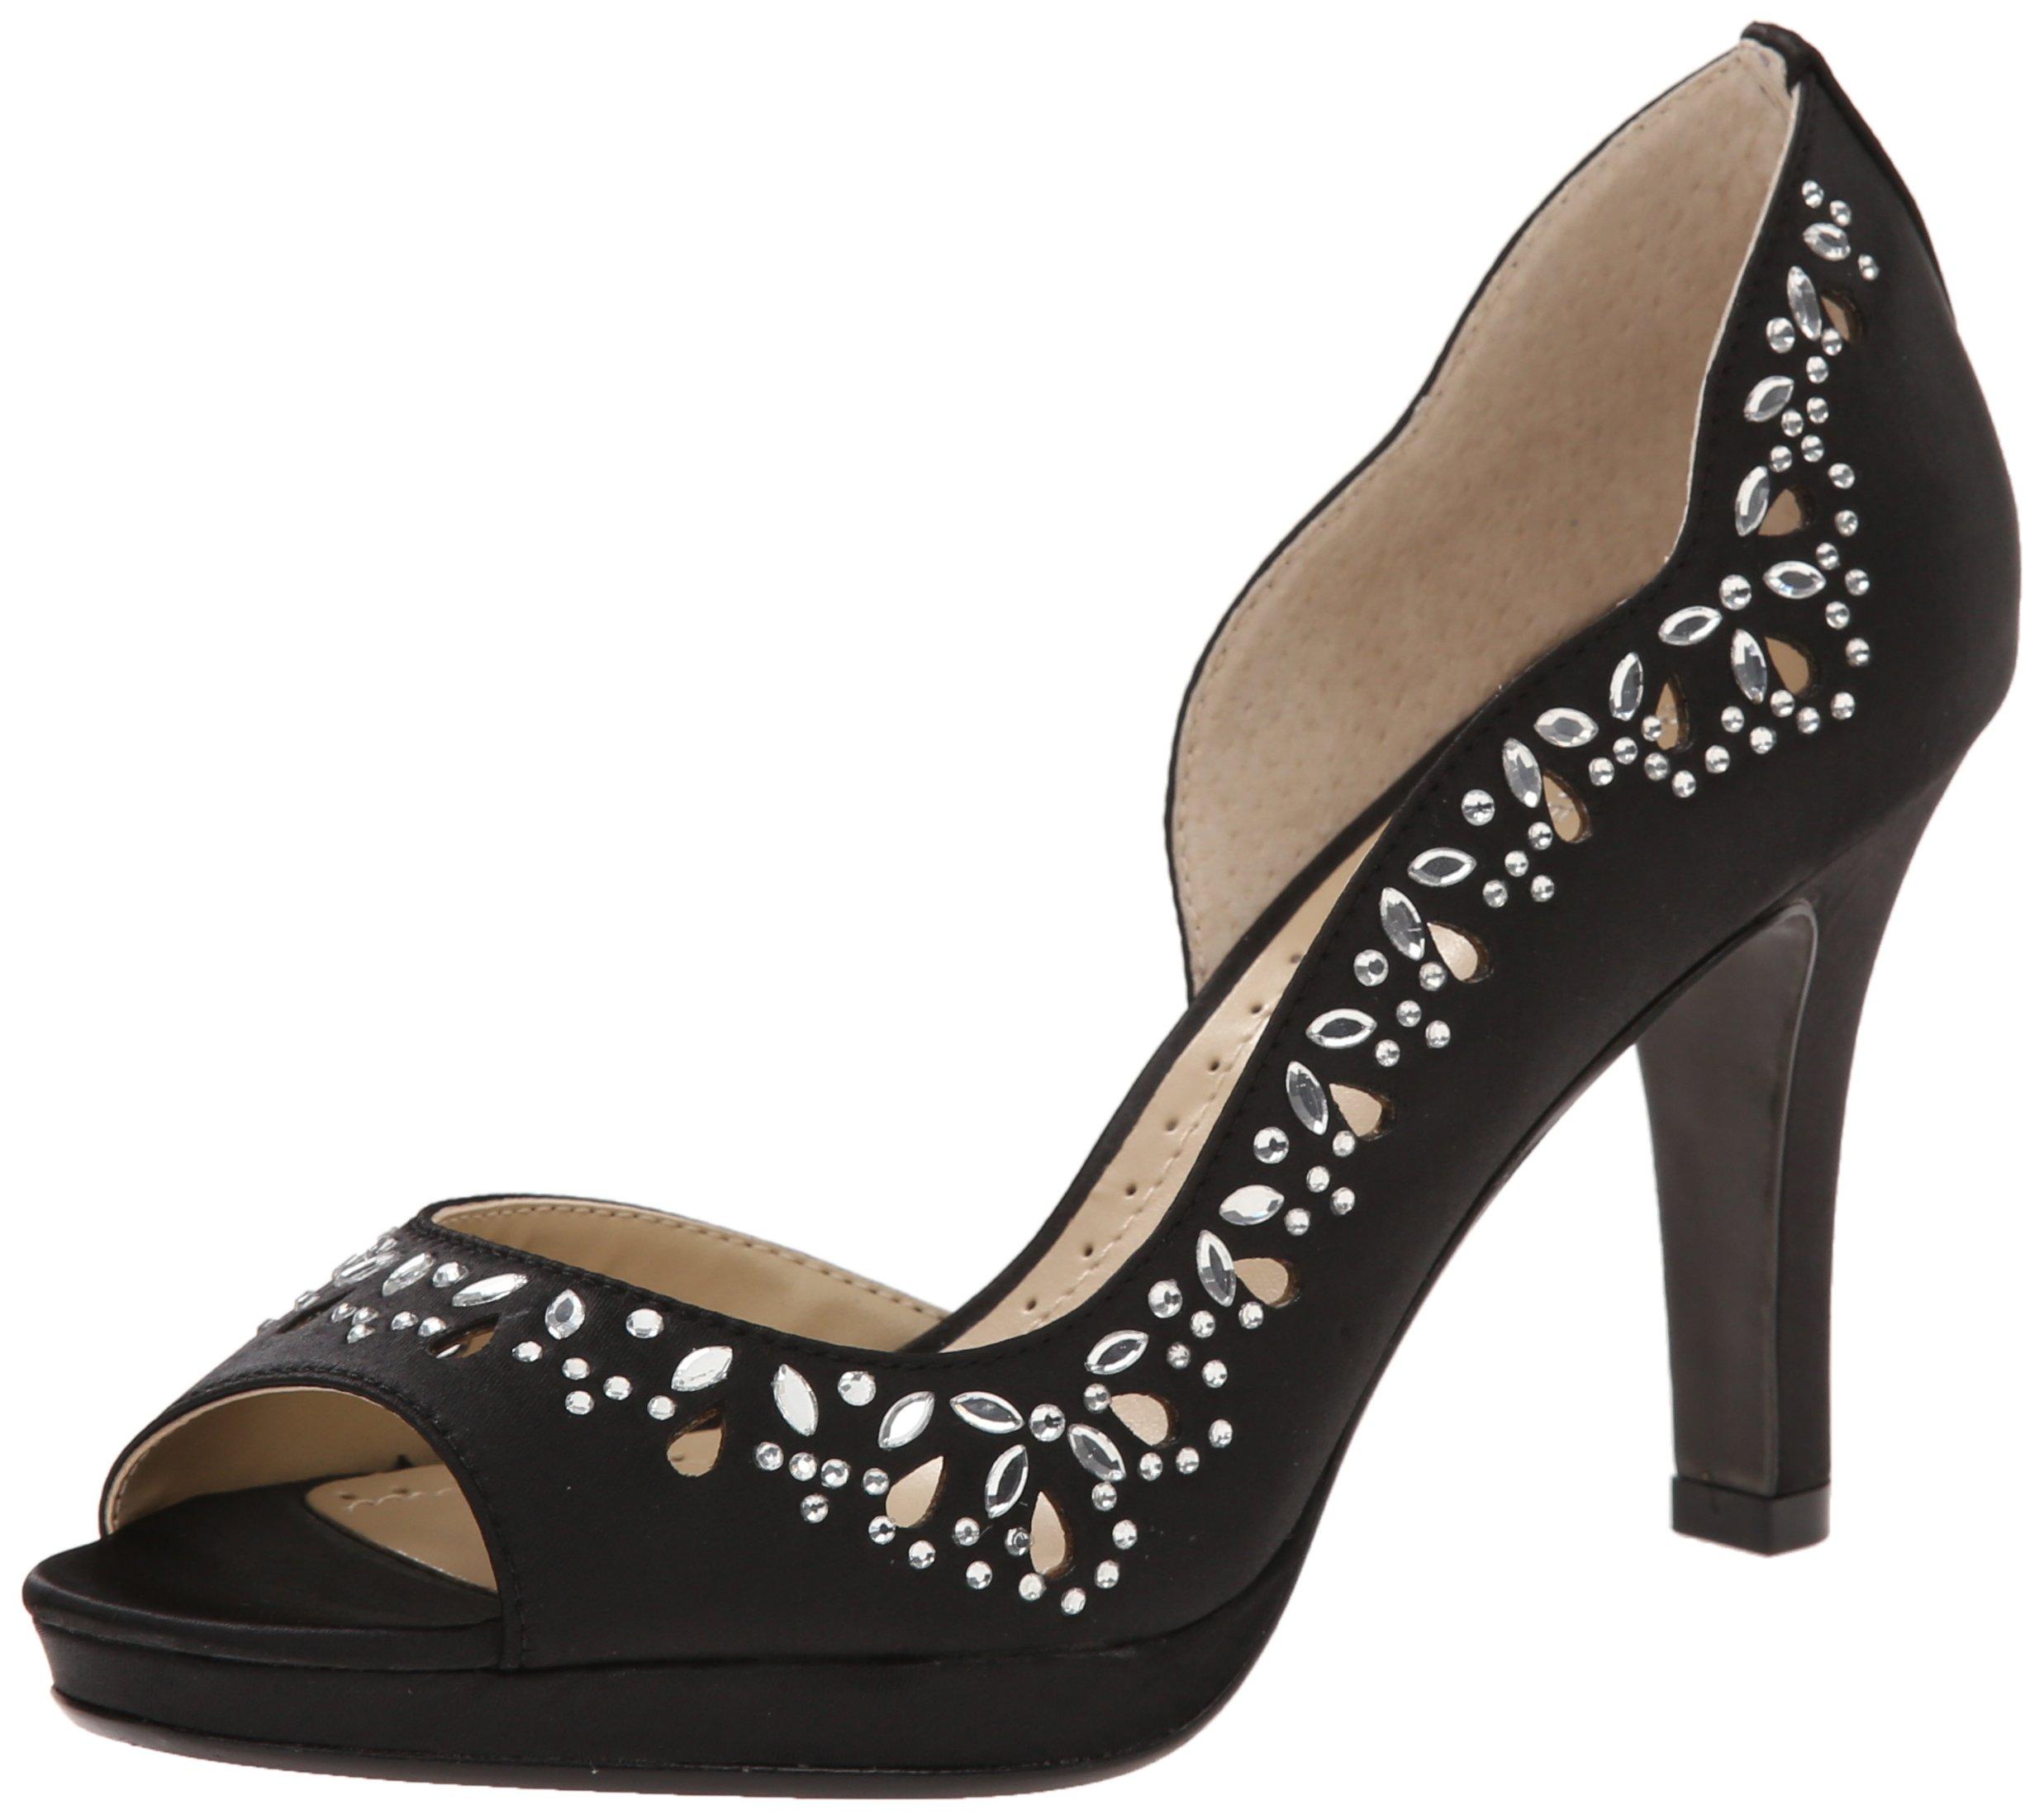 ADRIENNE VITTADINI Footwear Women's Glass D'Orsay Pump, Black, 8 M US